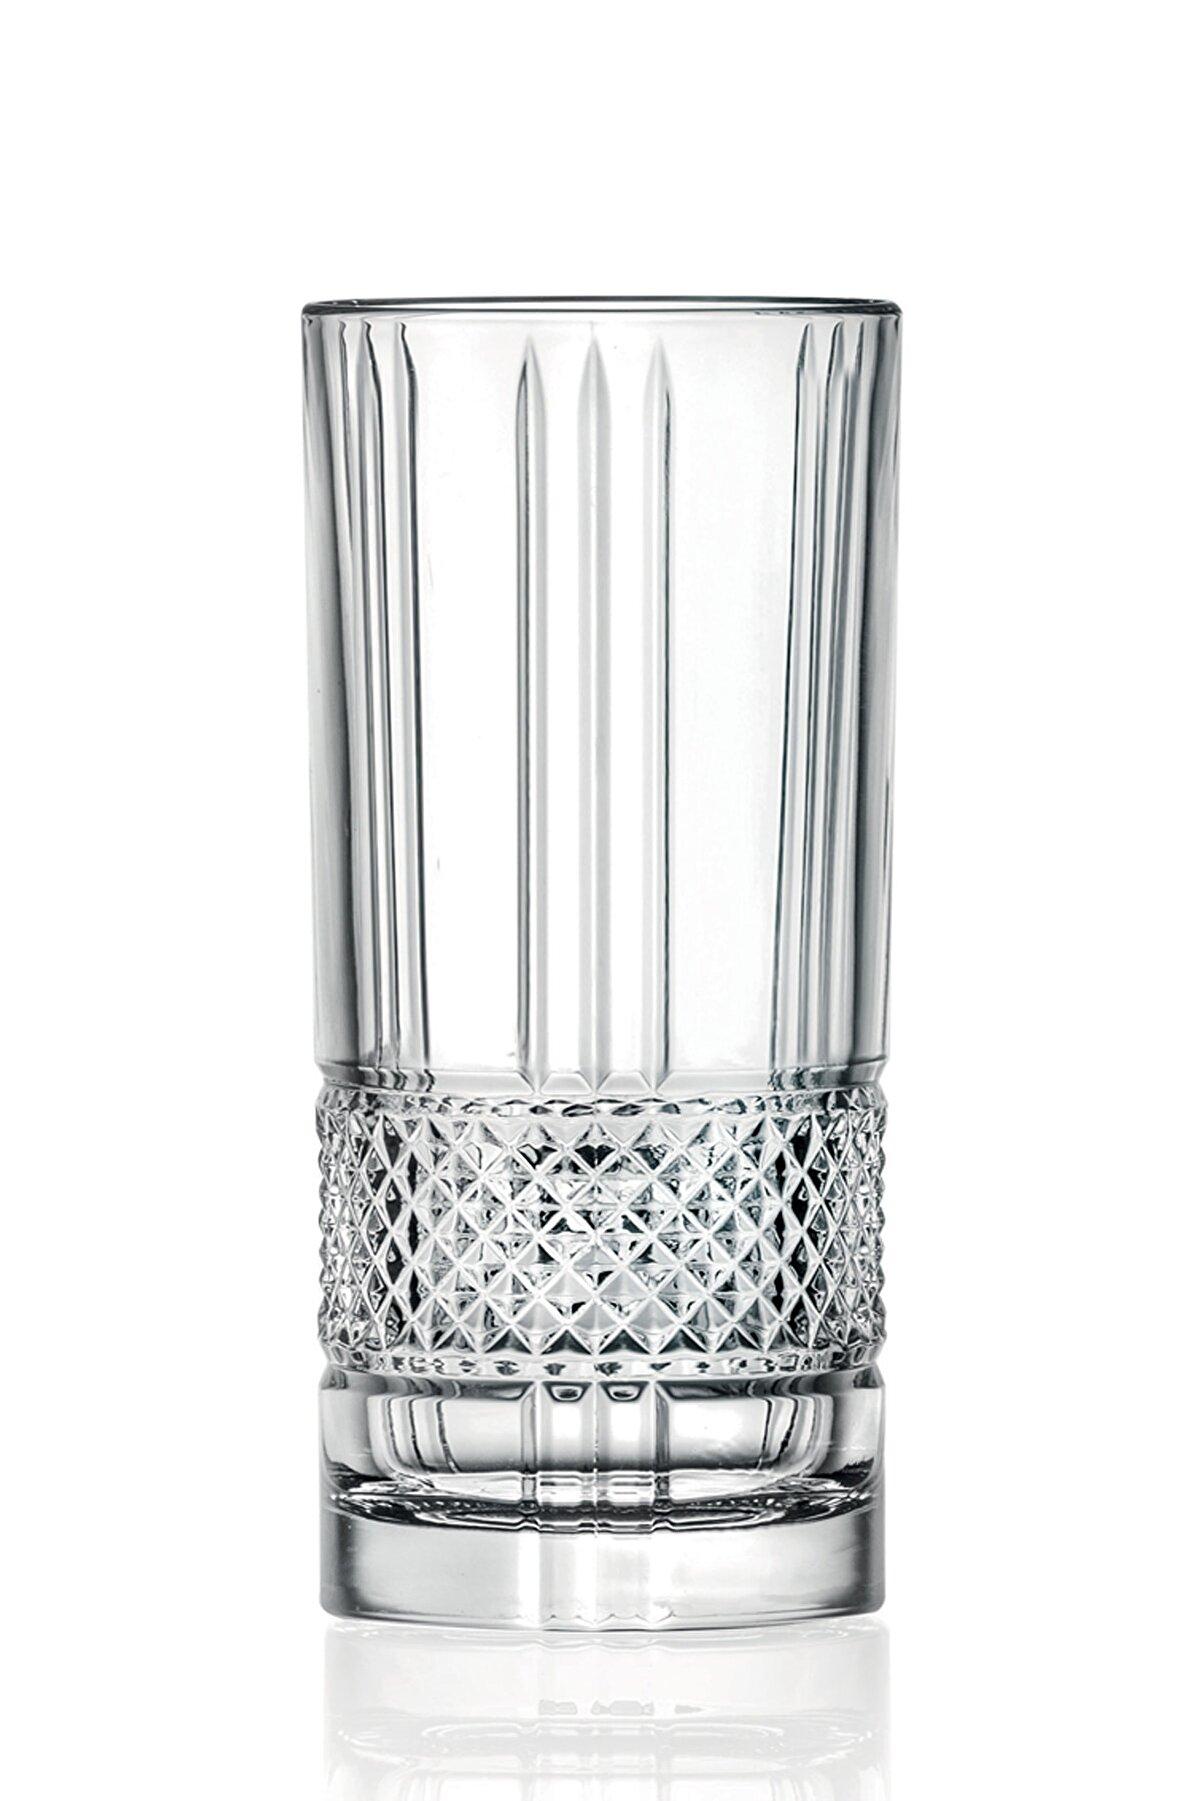 RCR Crystal Rcr Brillante Long Drink Meşrubat Bardağı 370 Ml - 6'lı